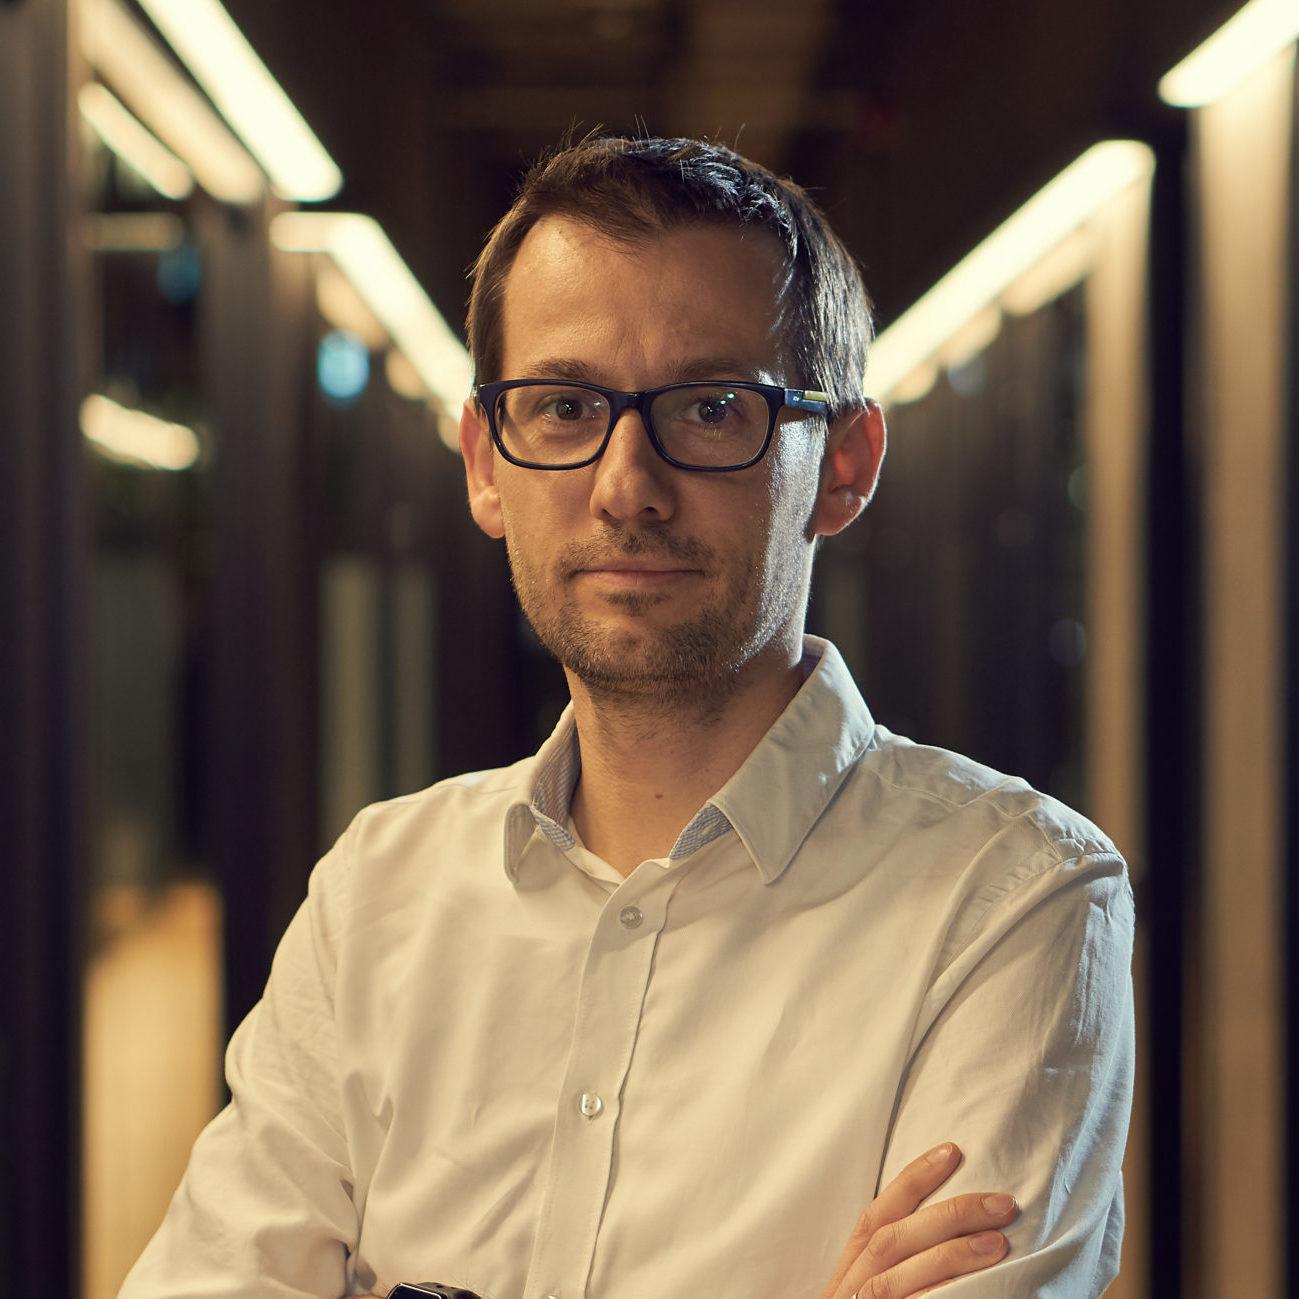 Waldek Sadowski